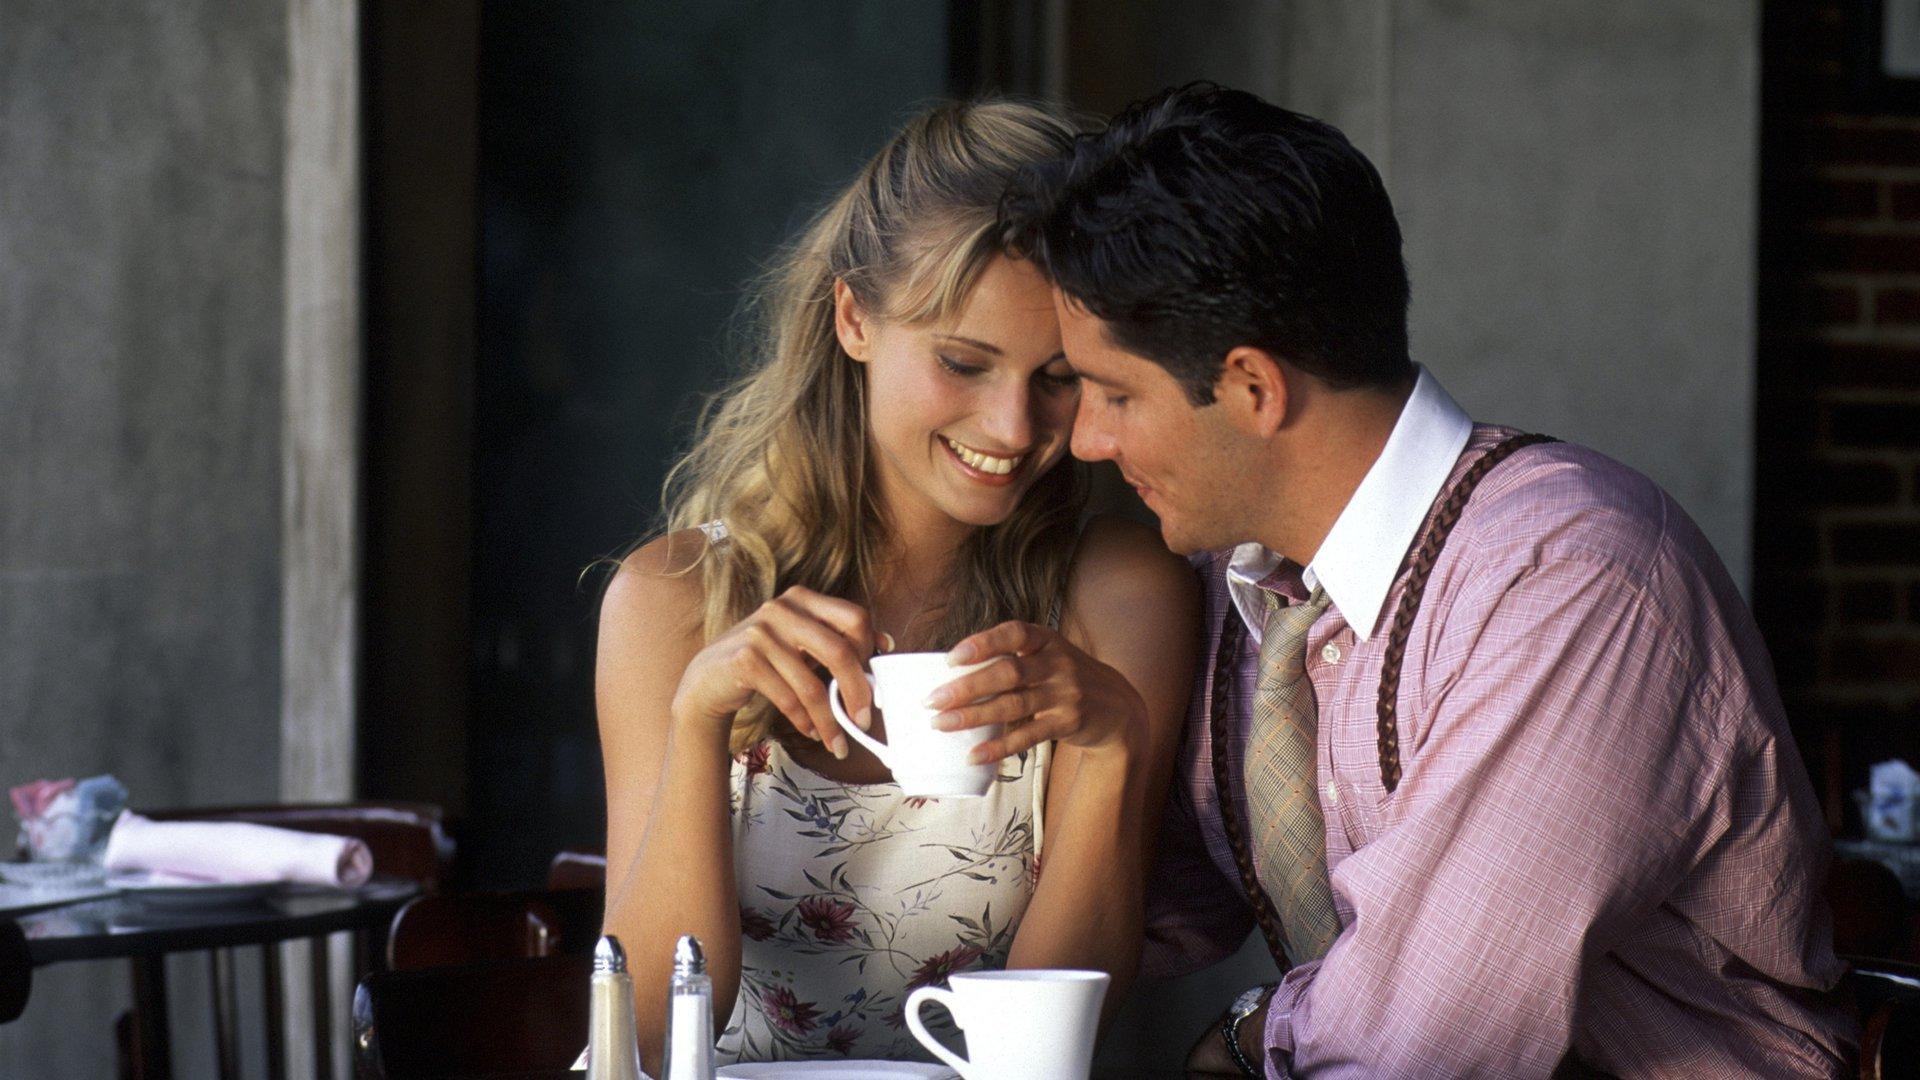 Любовь слепа: люди считают своих супругов умнее, чем они есть на самом деле